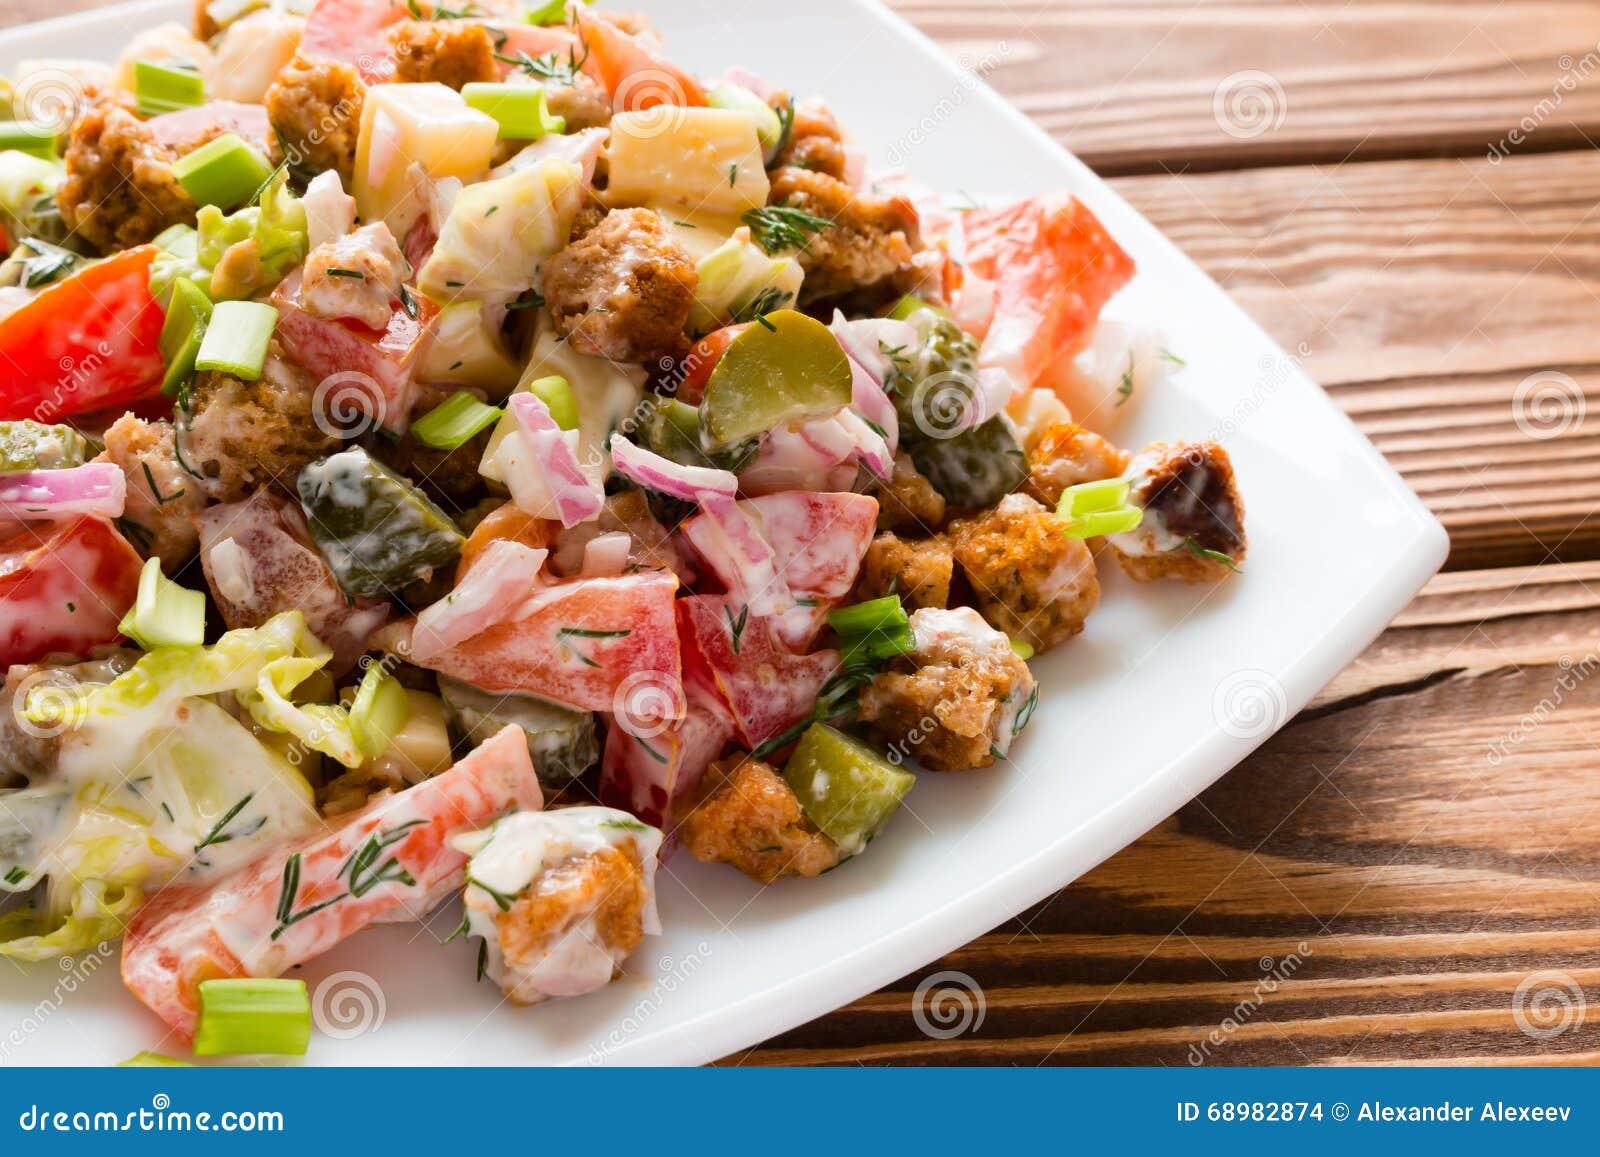 Salada vegetal com maionese na placa branca